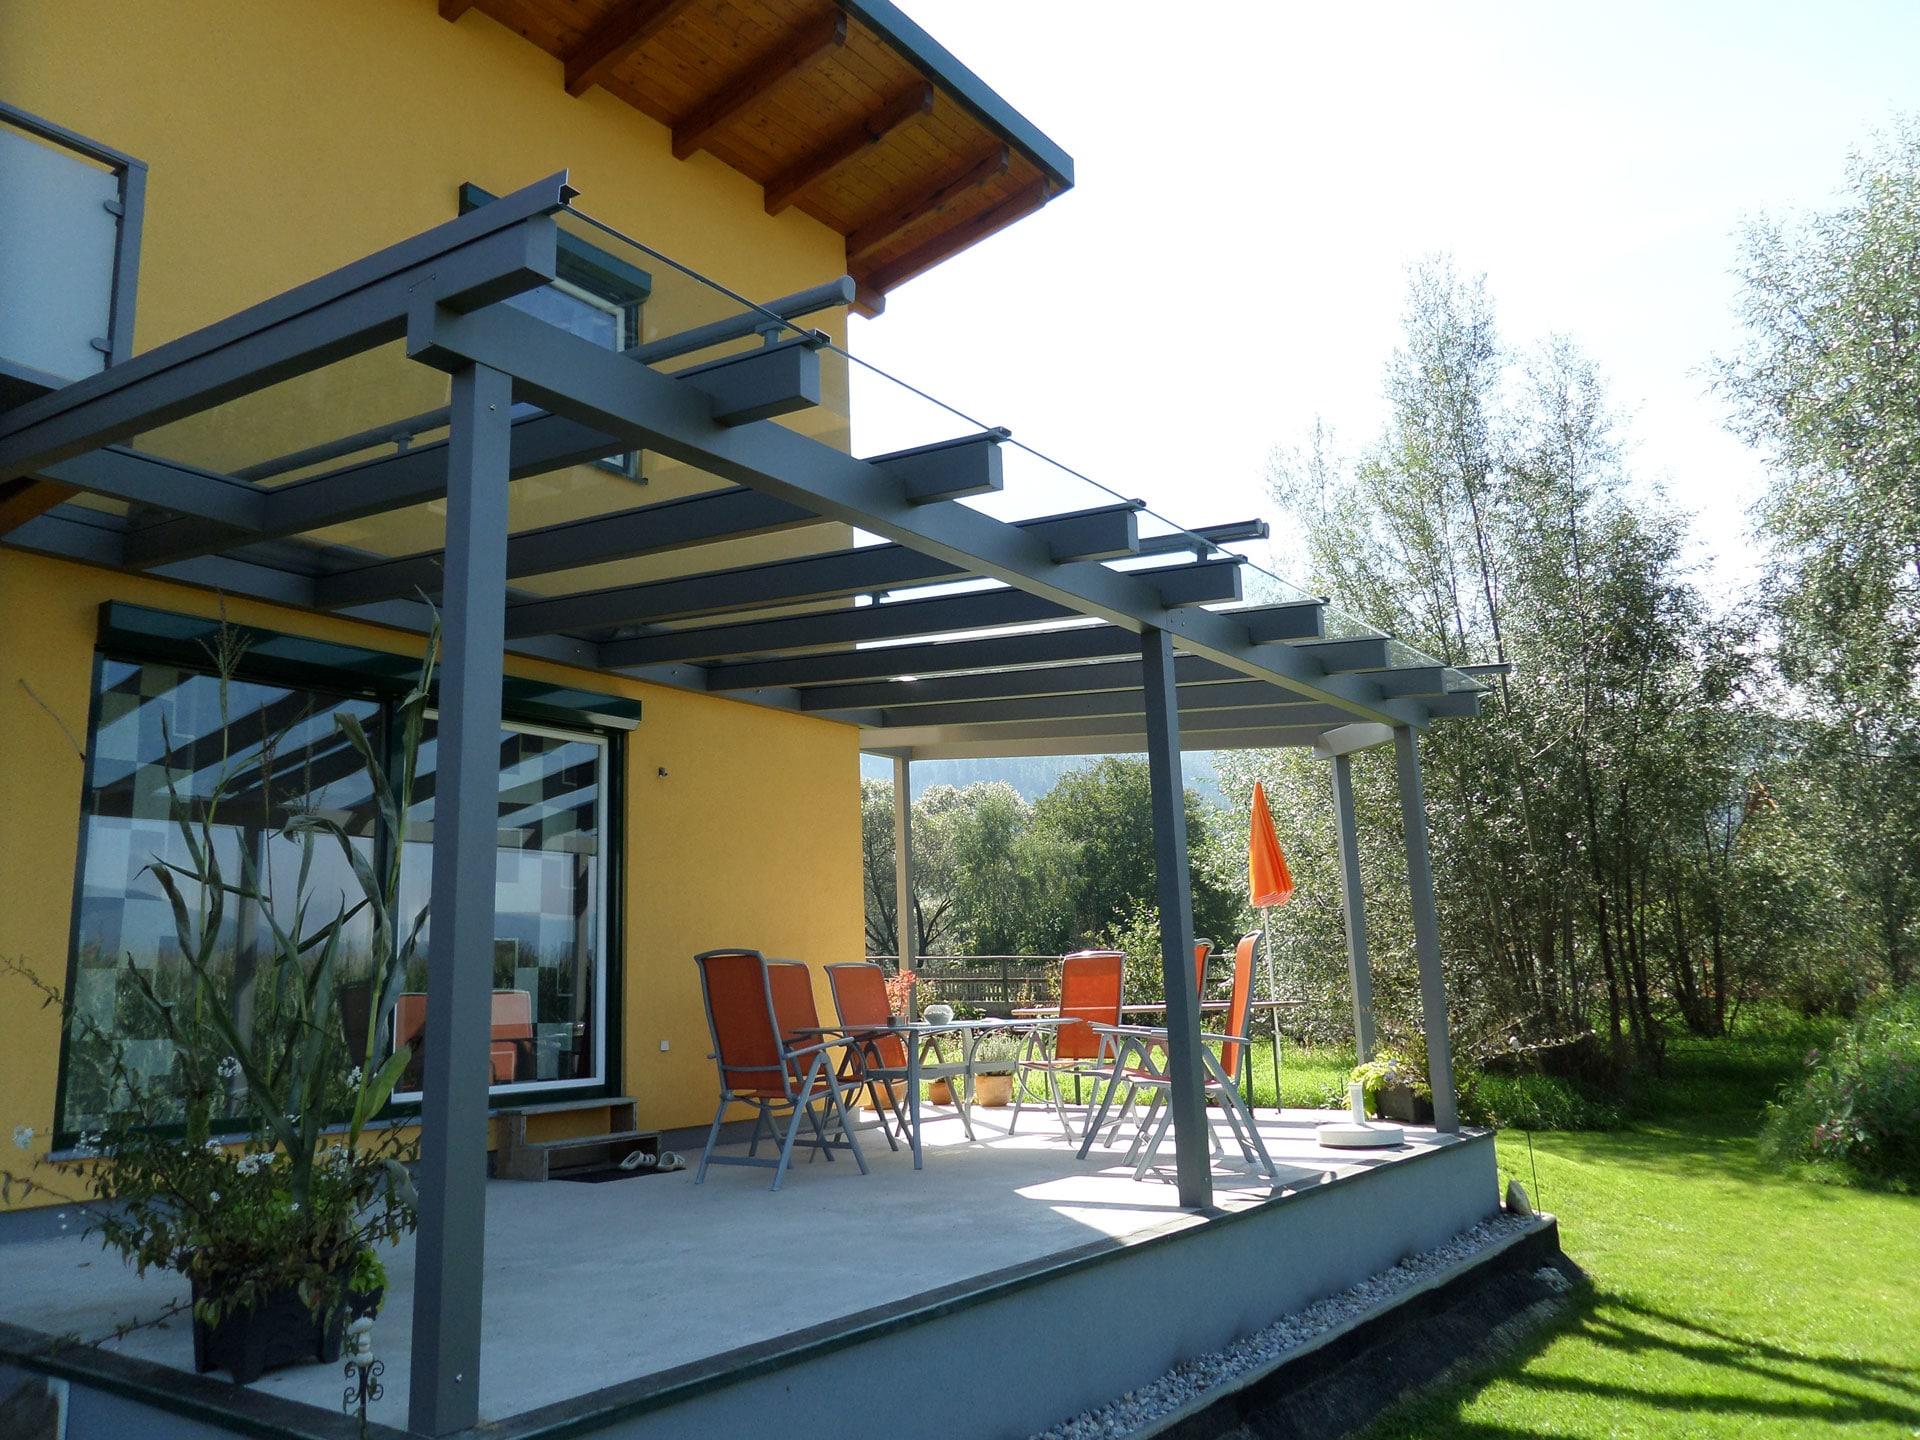 Terrassendach Alu 66   Überdachung bei Terrasse aus Metall grau beschichtet mit Klarglas   Svoboda